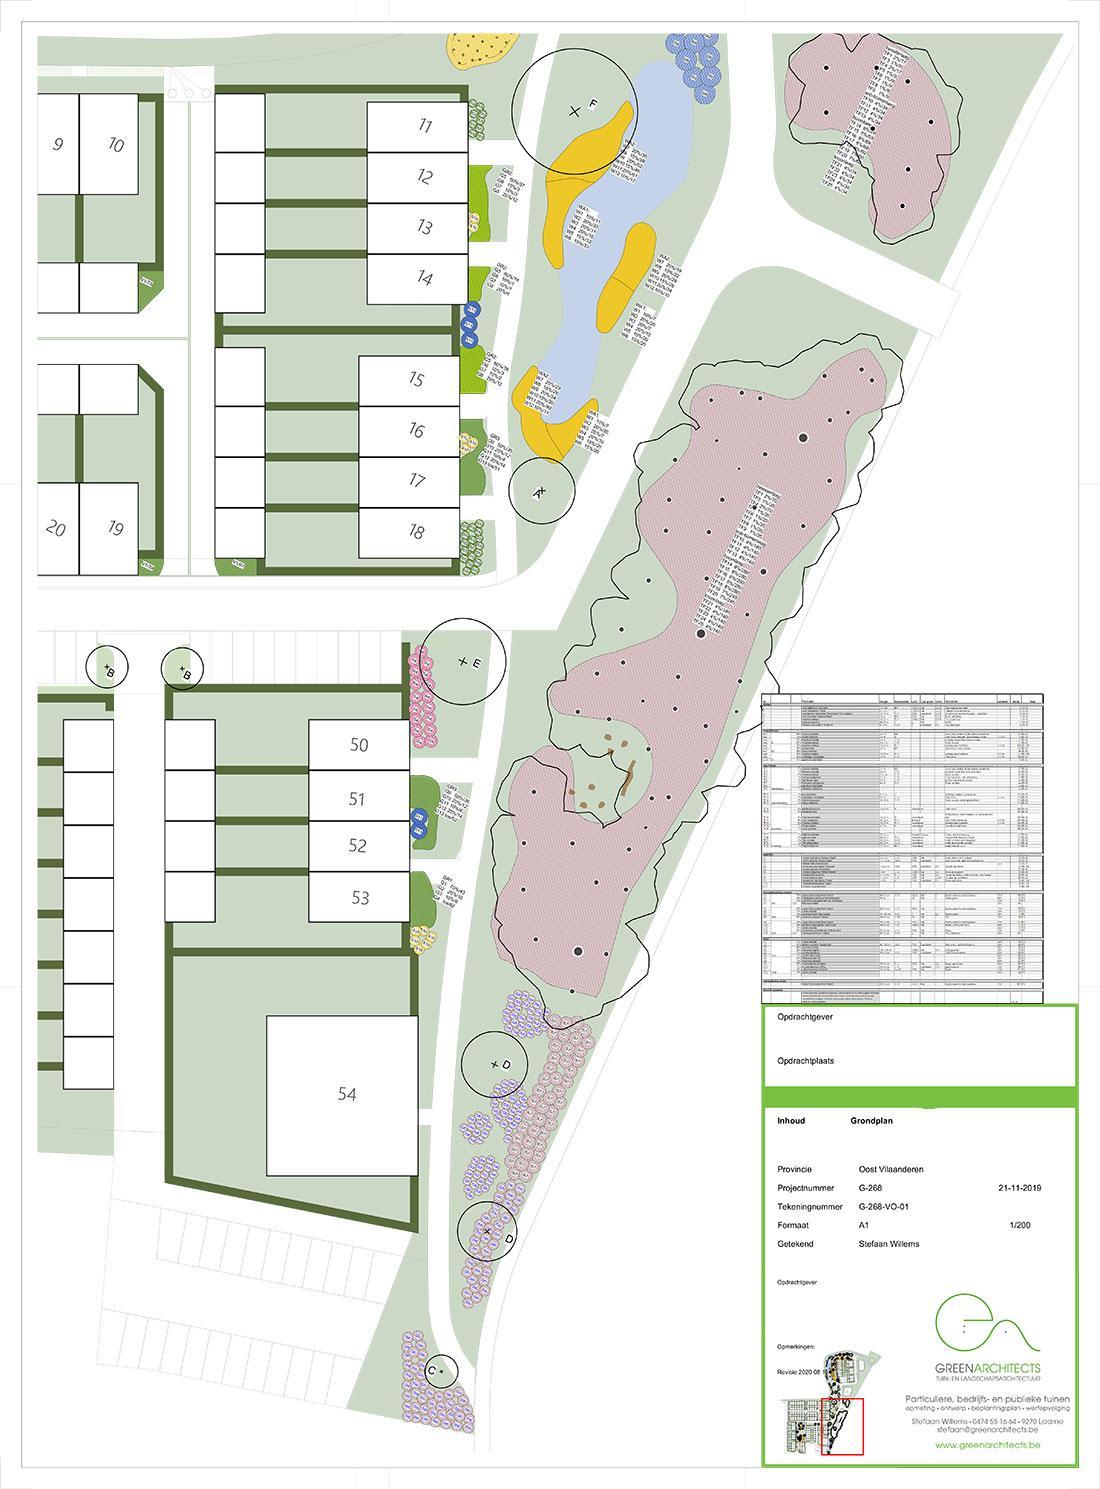 GREENARCHITECTS-TUINARCHITECT-STEFAAN-WILLEMS-omgevingsaanleg-verkaveling-menen-beplantingsplan-deel-2.jpg